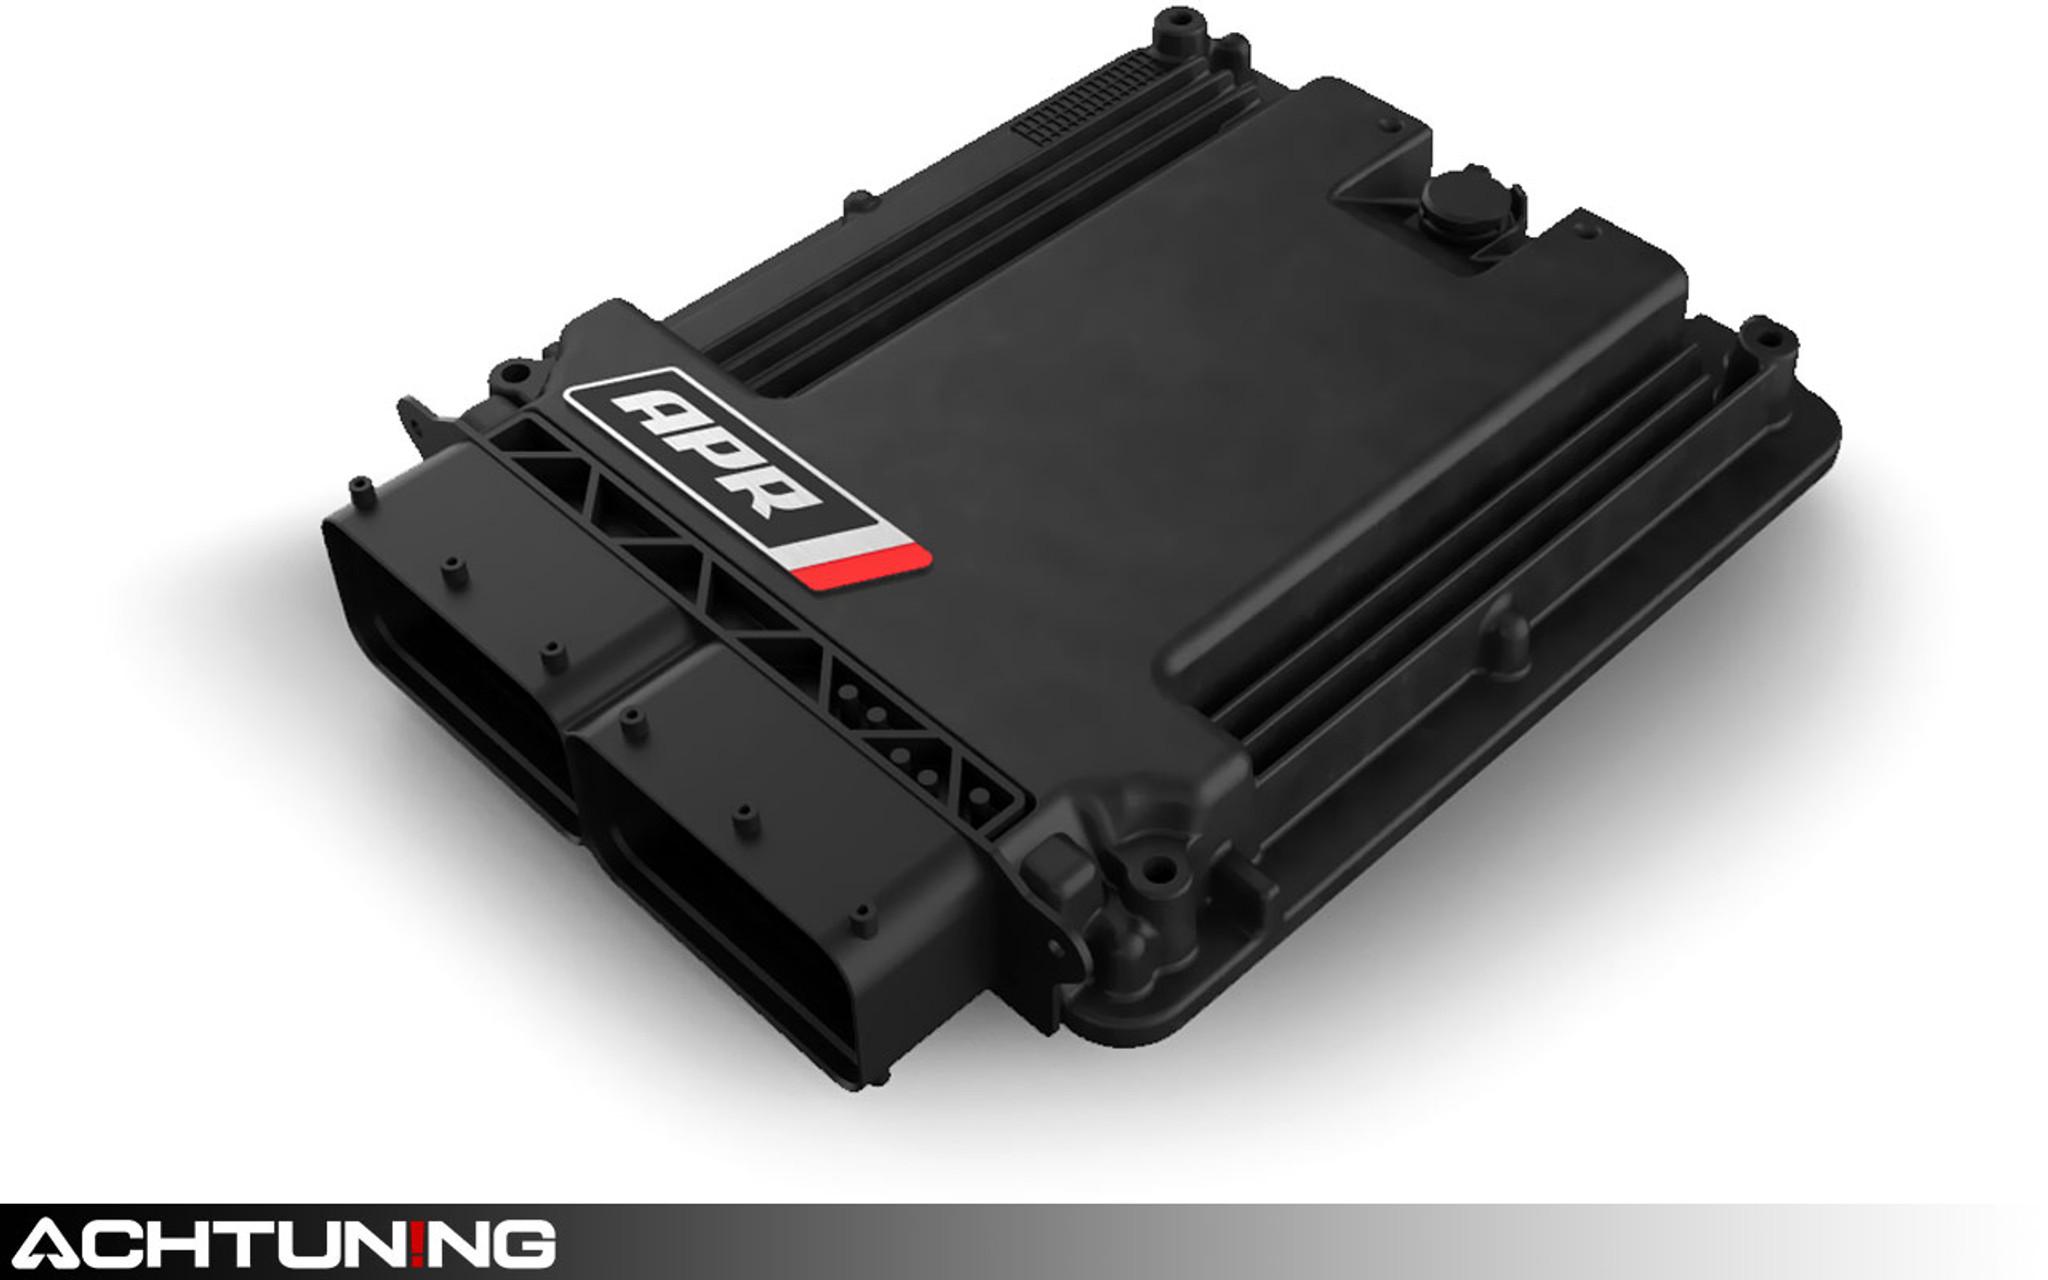 APR TCU Software Flash Tuning MQB DQ250 6-Speed DSG Audi Volkswagen